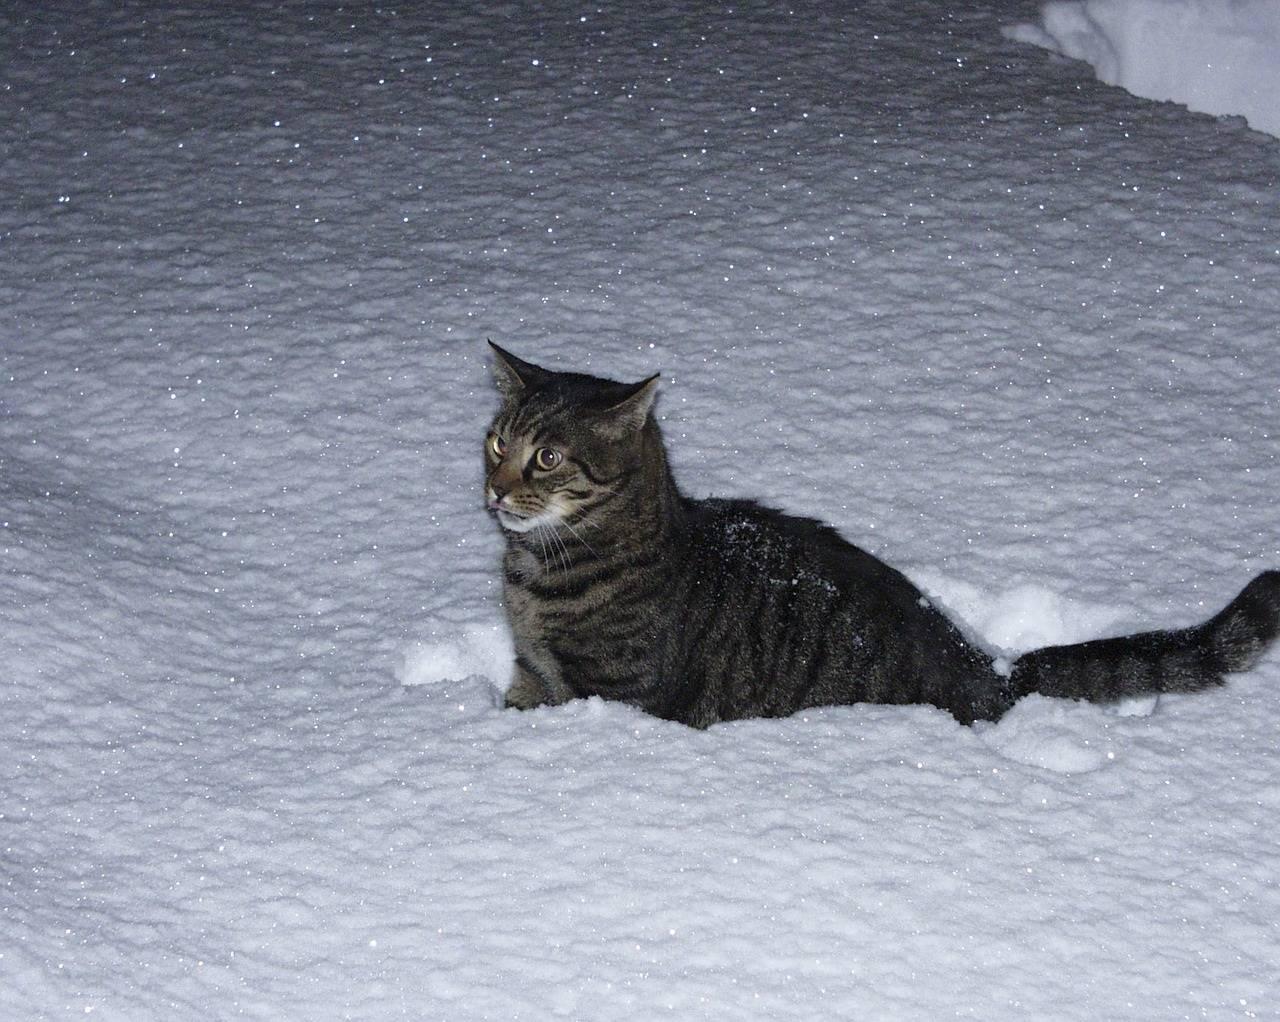 Мерзнут ли кошки зимой на улице - какой мороз выдерживают - kotiko.ru